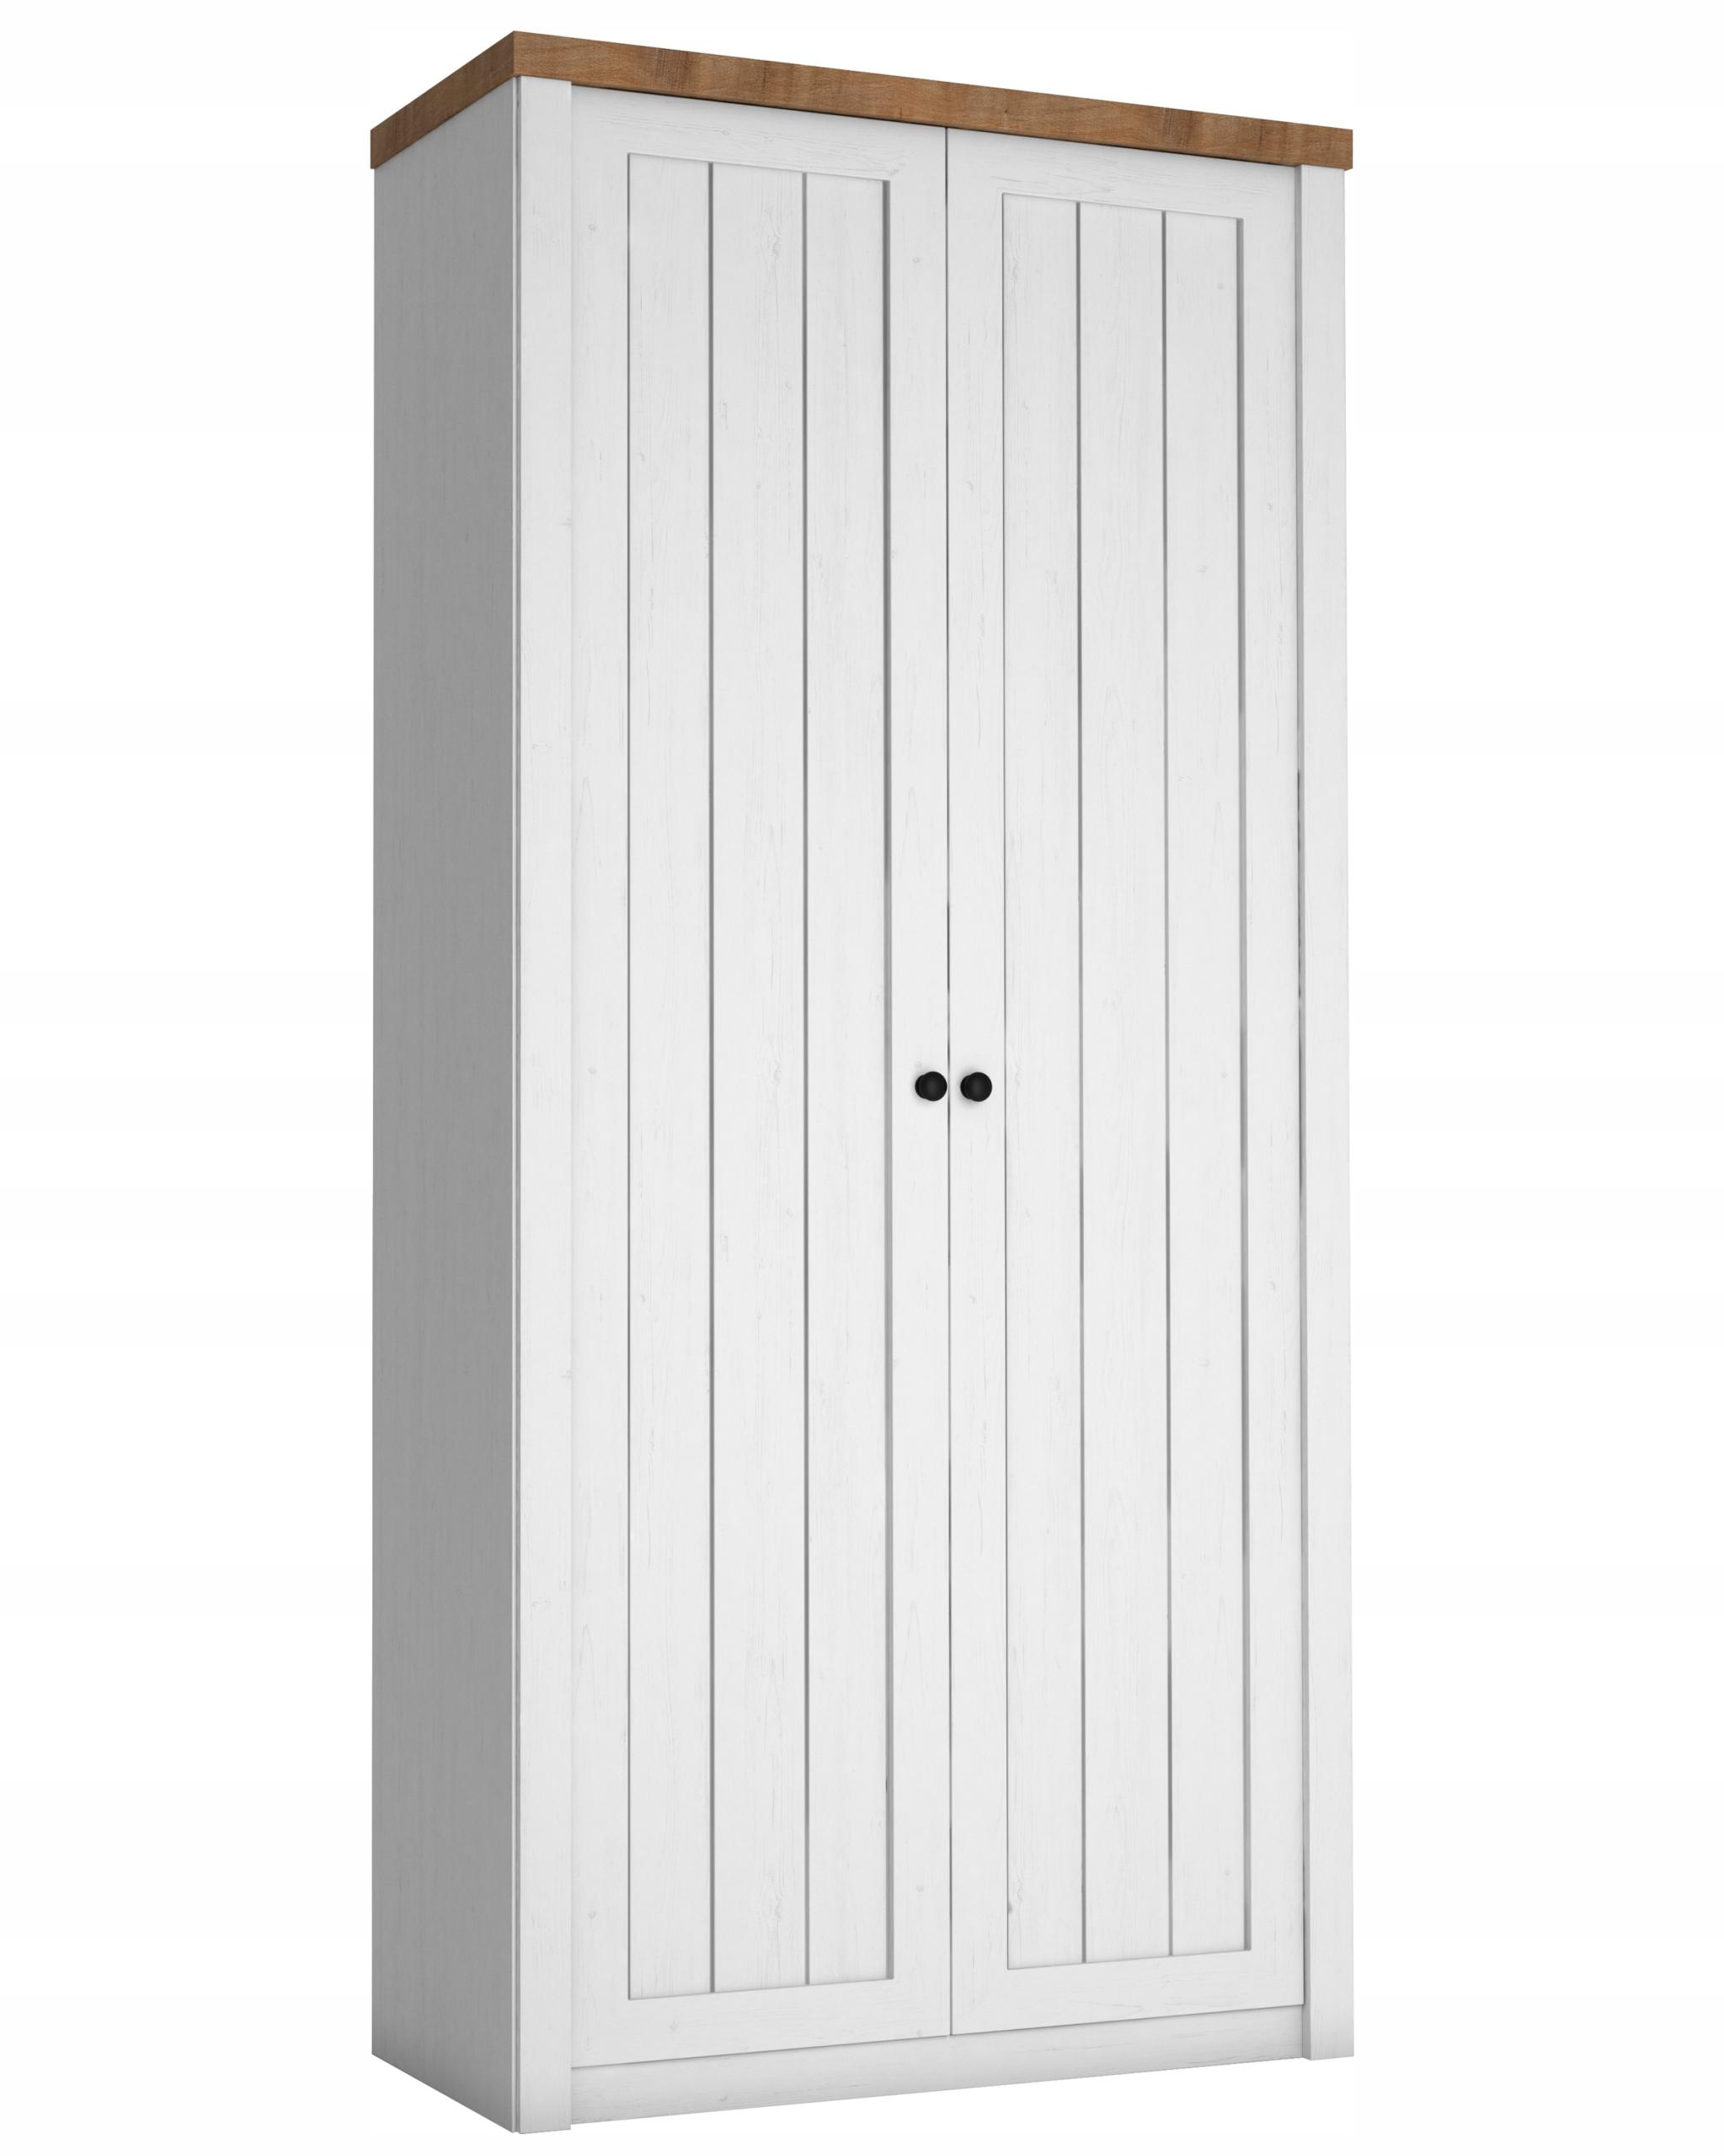 Biela 2-dverová skriňa, retro štýl Provence